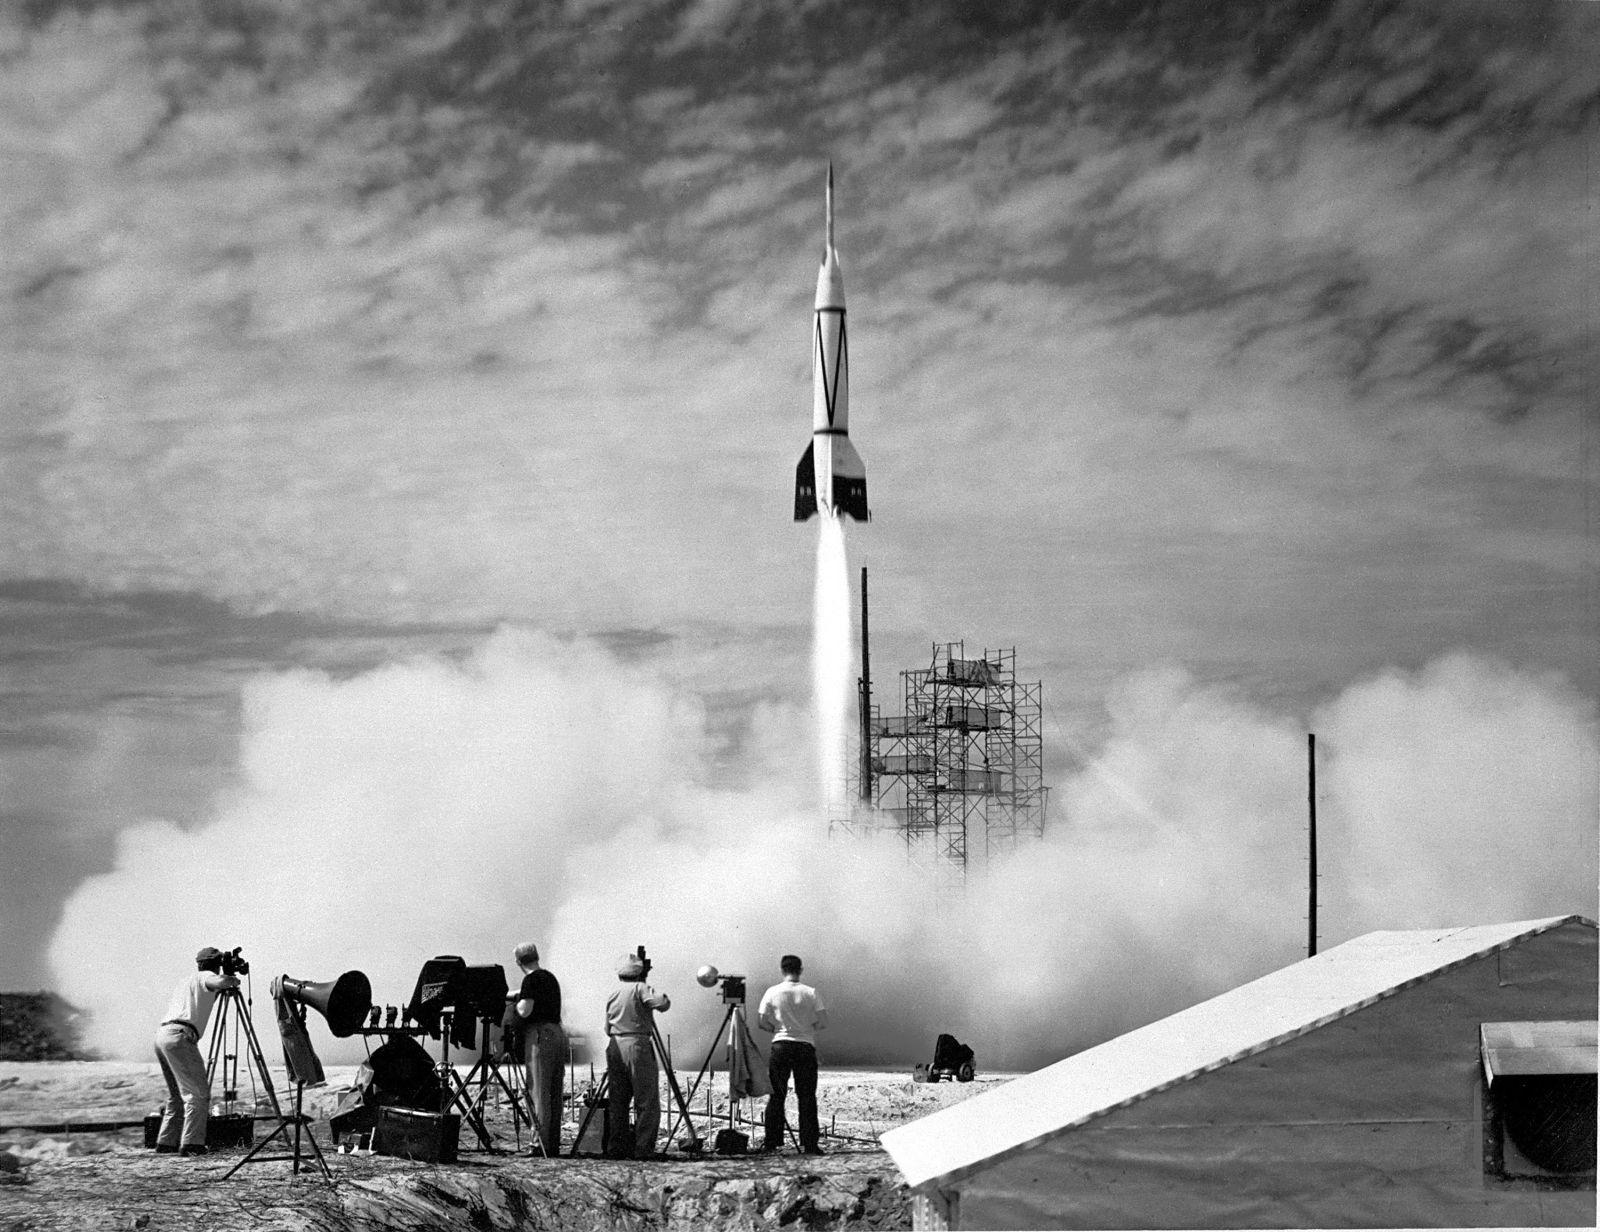 Werhner von Braun sestavil nejprve válečnou raketu, poté pomohl Američanům na cestě k Měsíci.